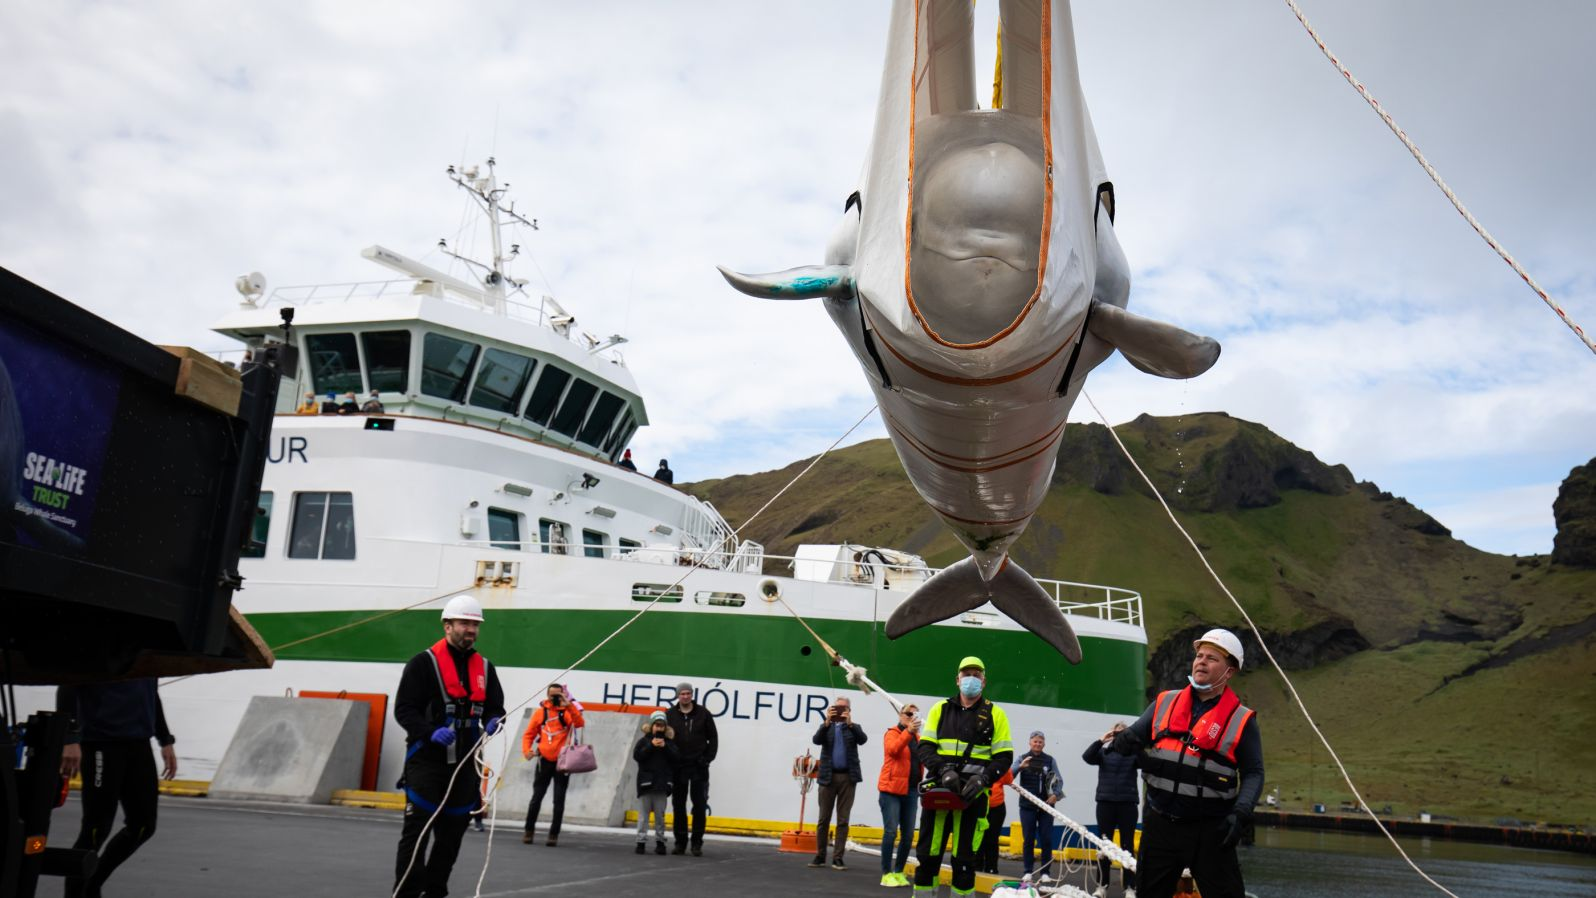 2 veľryby v zajatí nakoniec prepustili, more ucítili po 10 rokoch